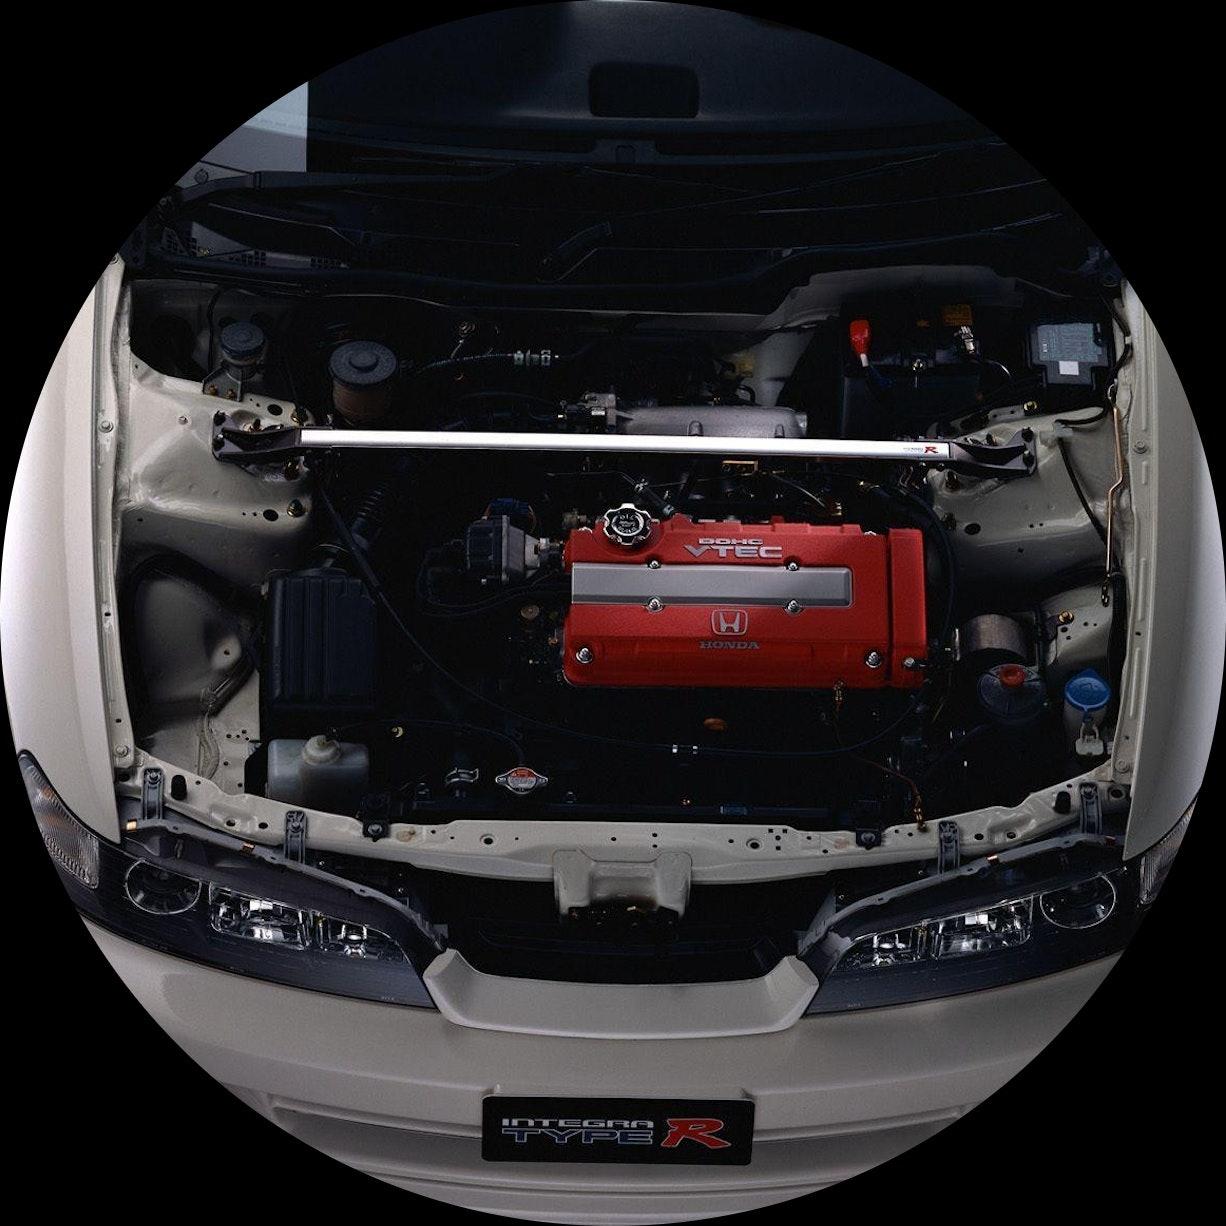 Owner of 1999 Honda Civic